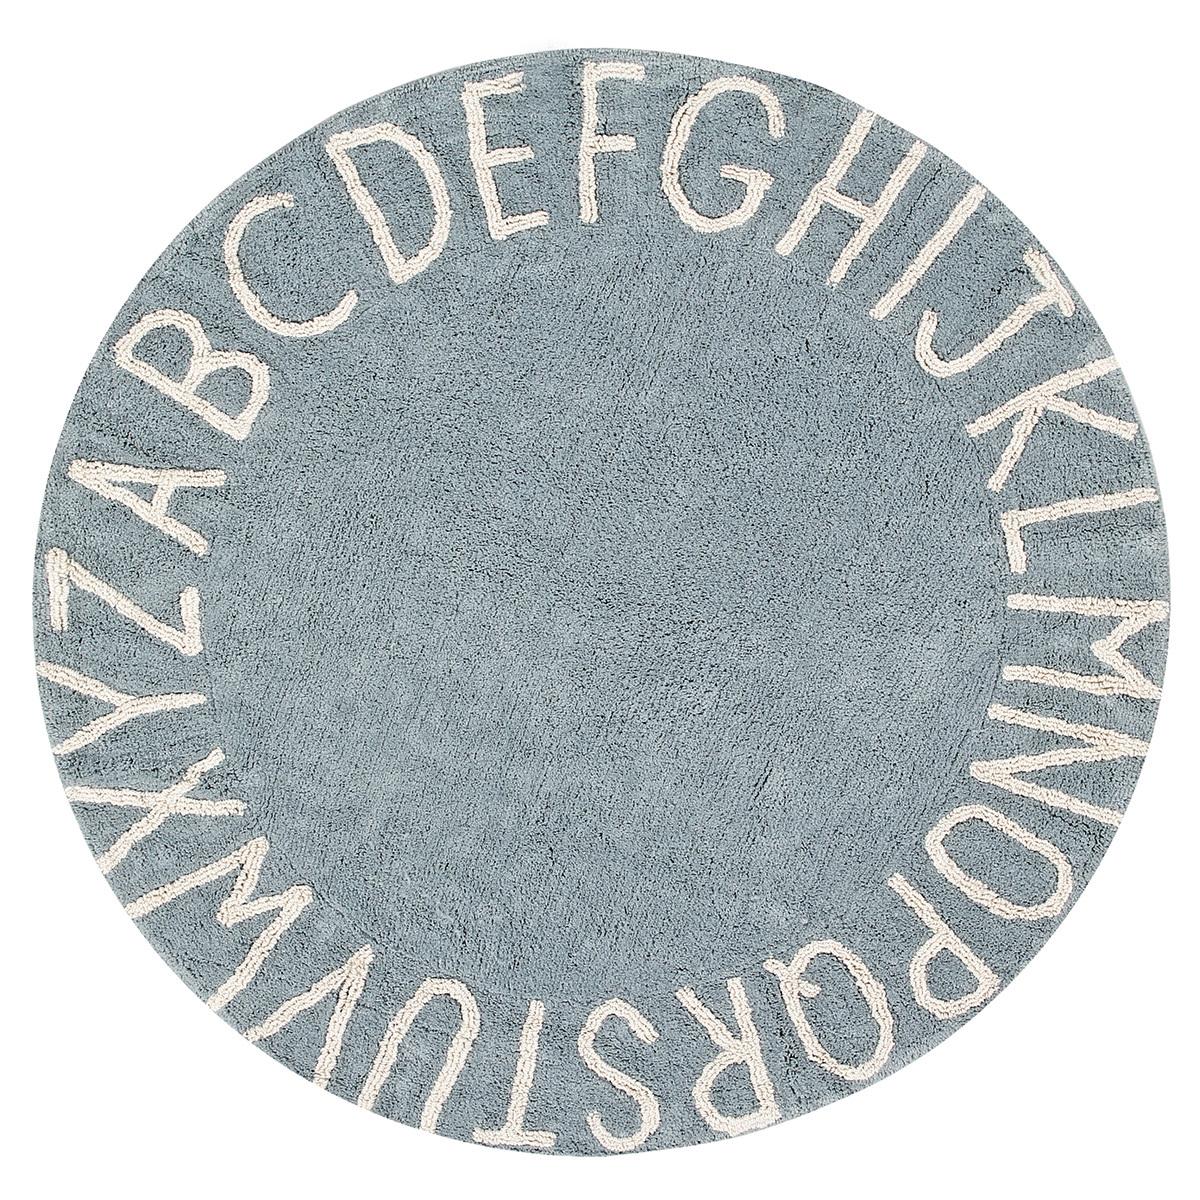 Tapis Tapis Lavable ABC Bleu et Blanc - Ø 150 cm Tapis Lavable ABC Bleu et Blanc - Ø 150 cm